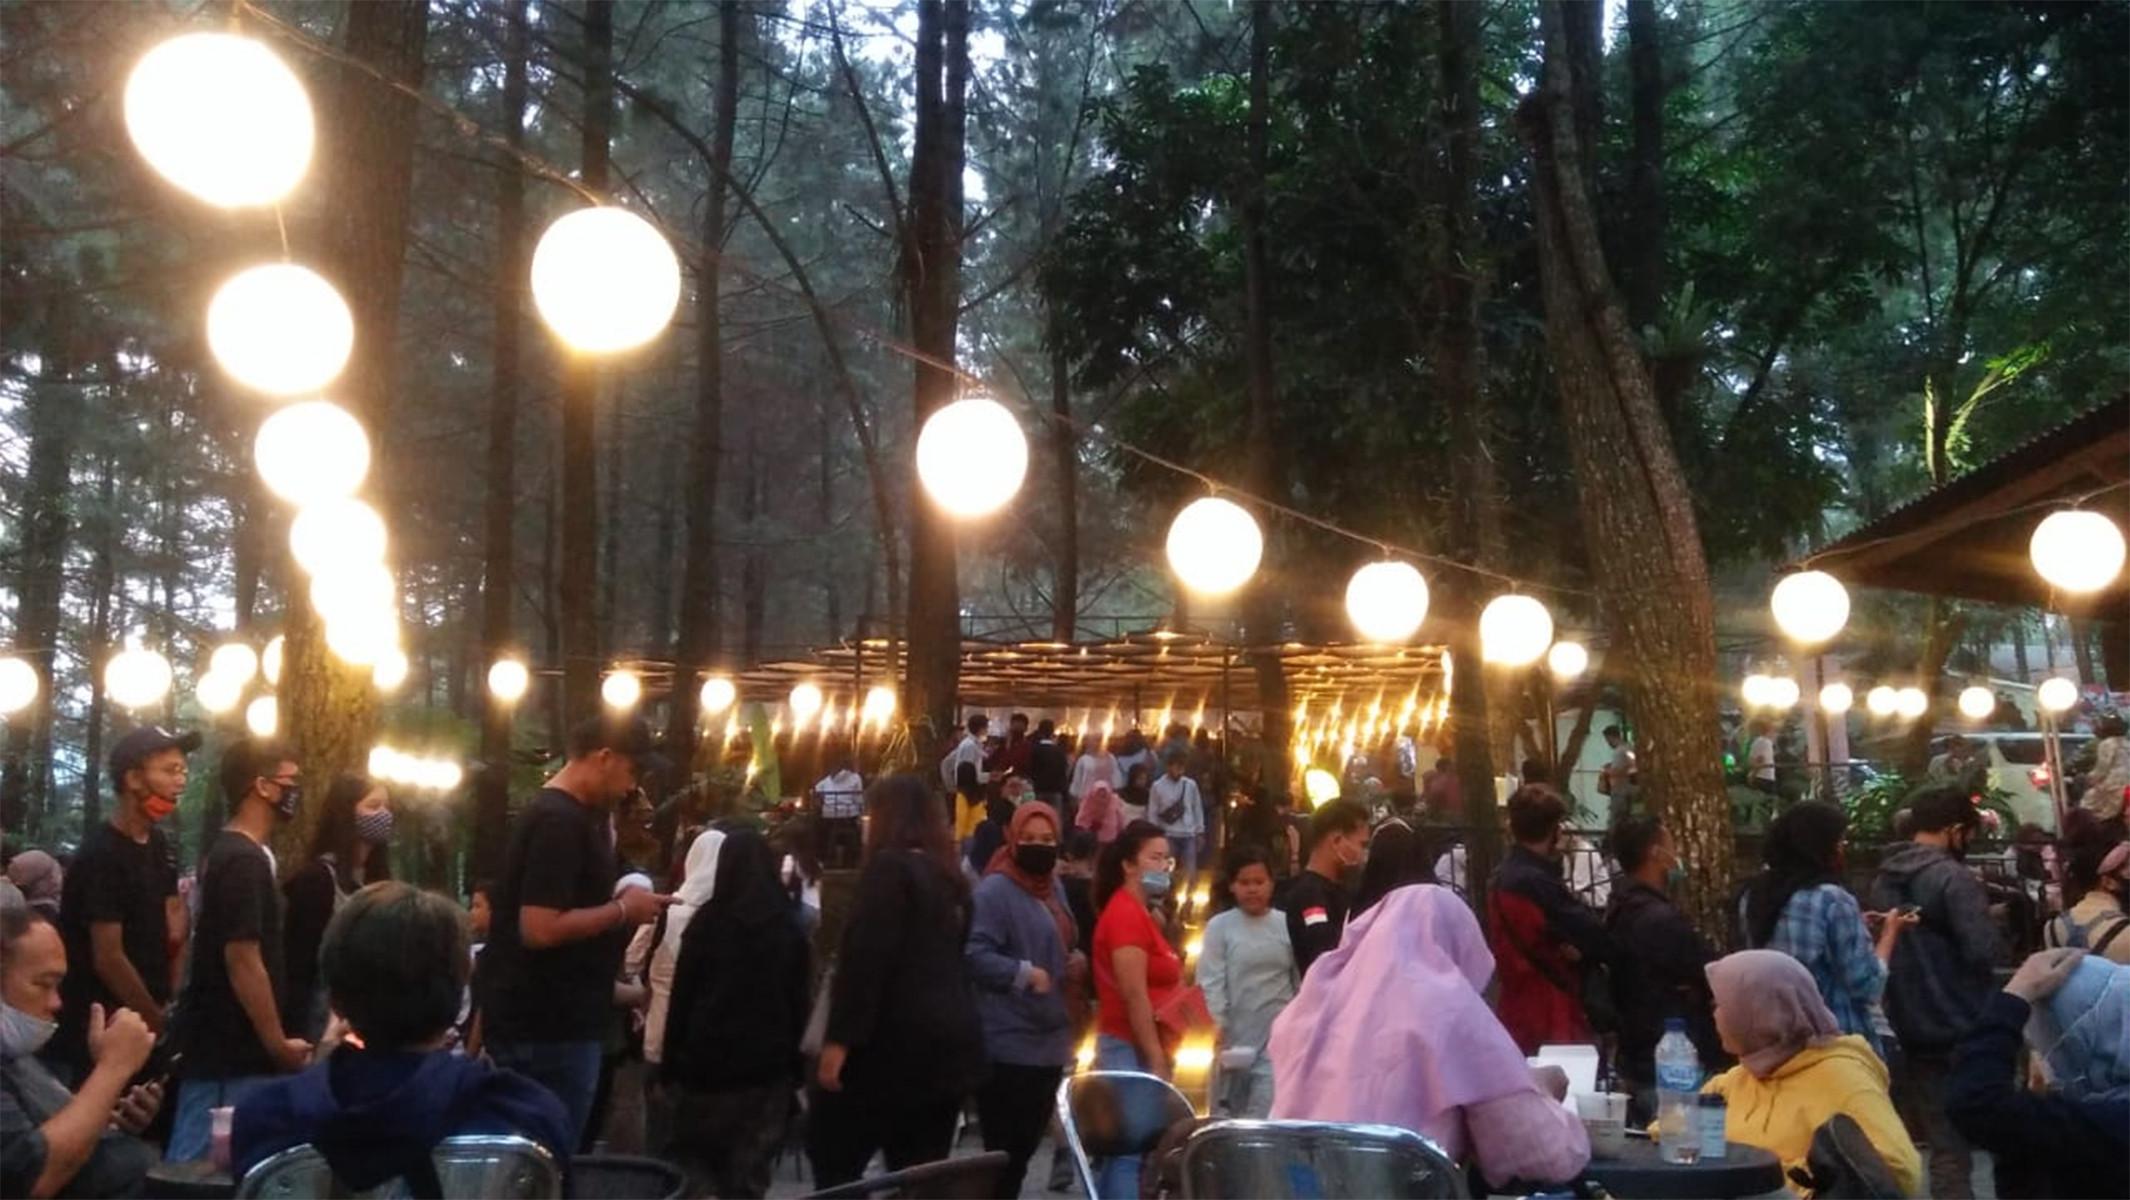 Gila! Di Bogor Hari Ini, Berjam-jam Antre dan Berdesakan Untuk Minum Kopi - JPNN.com